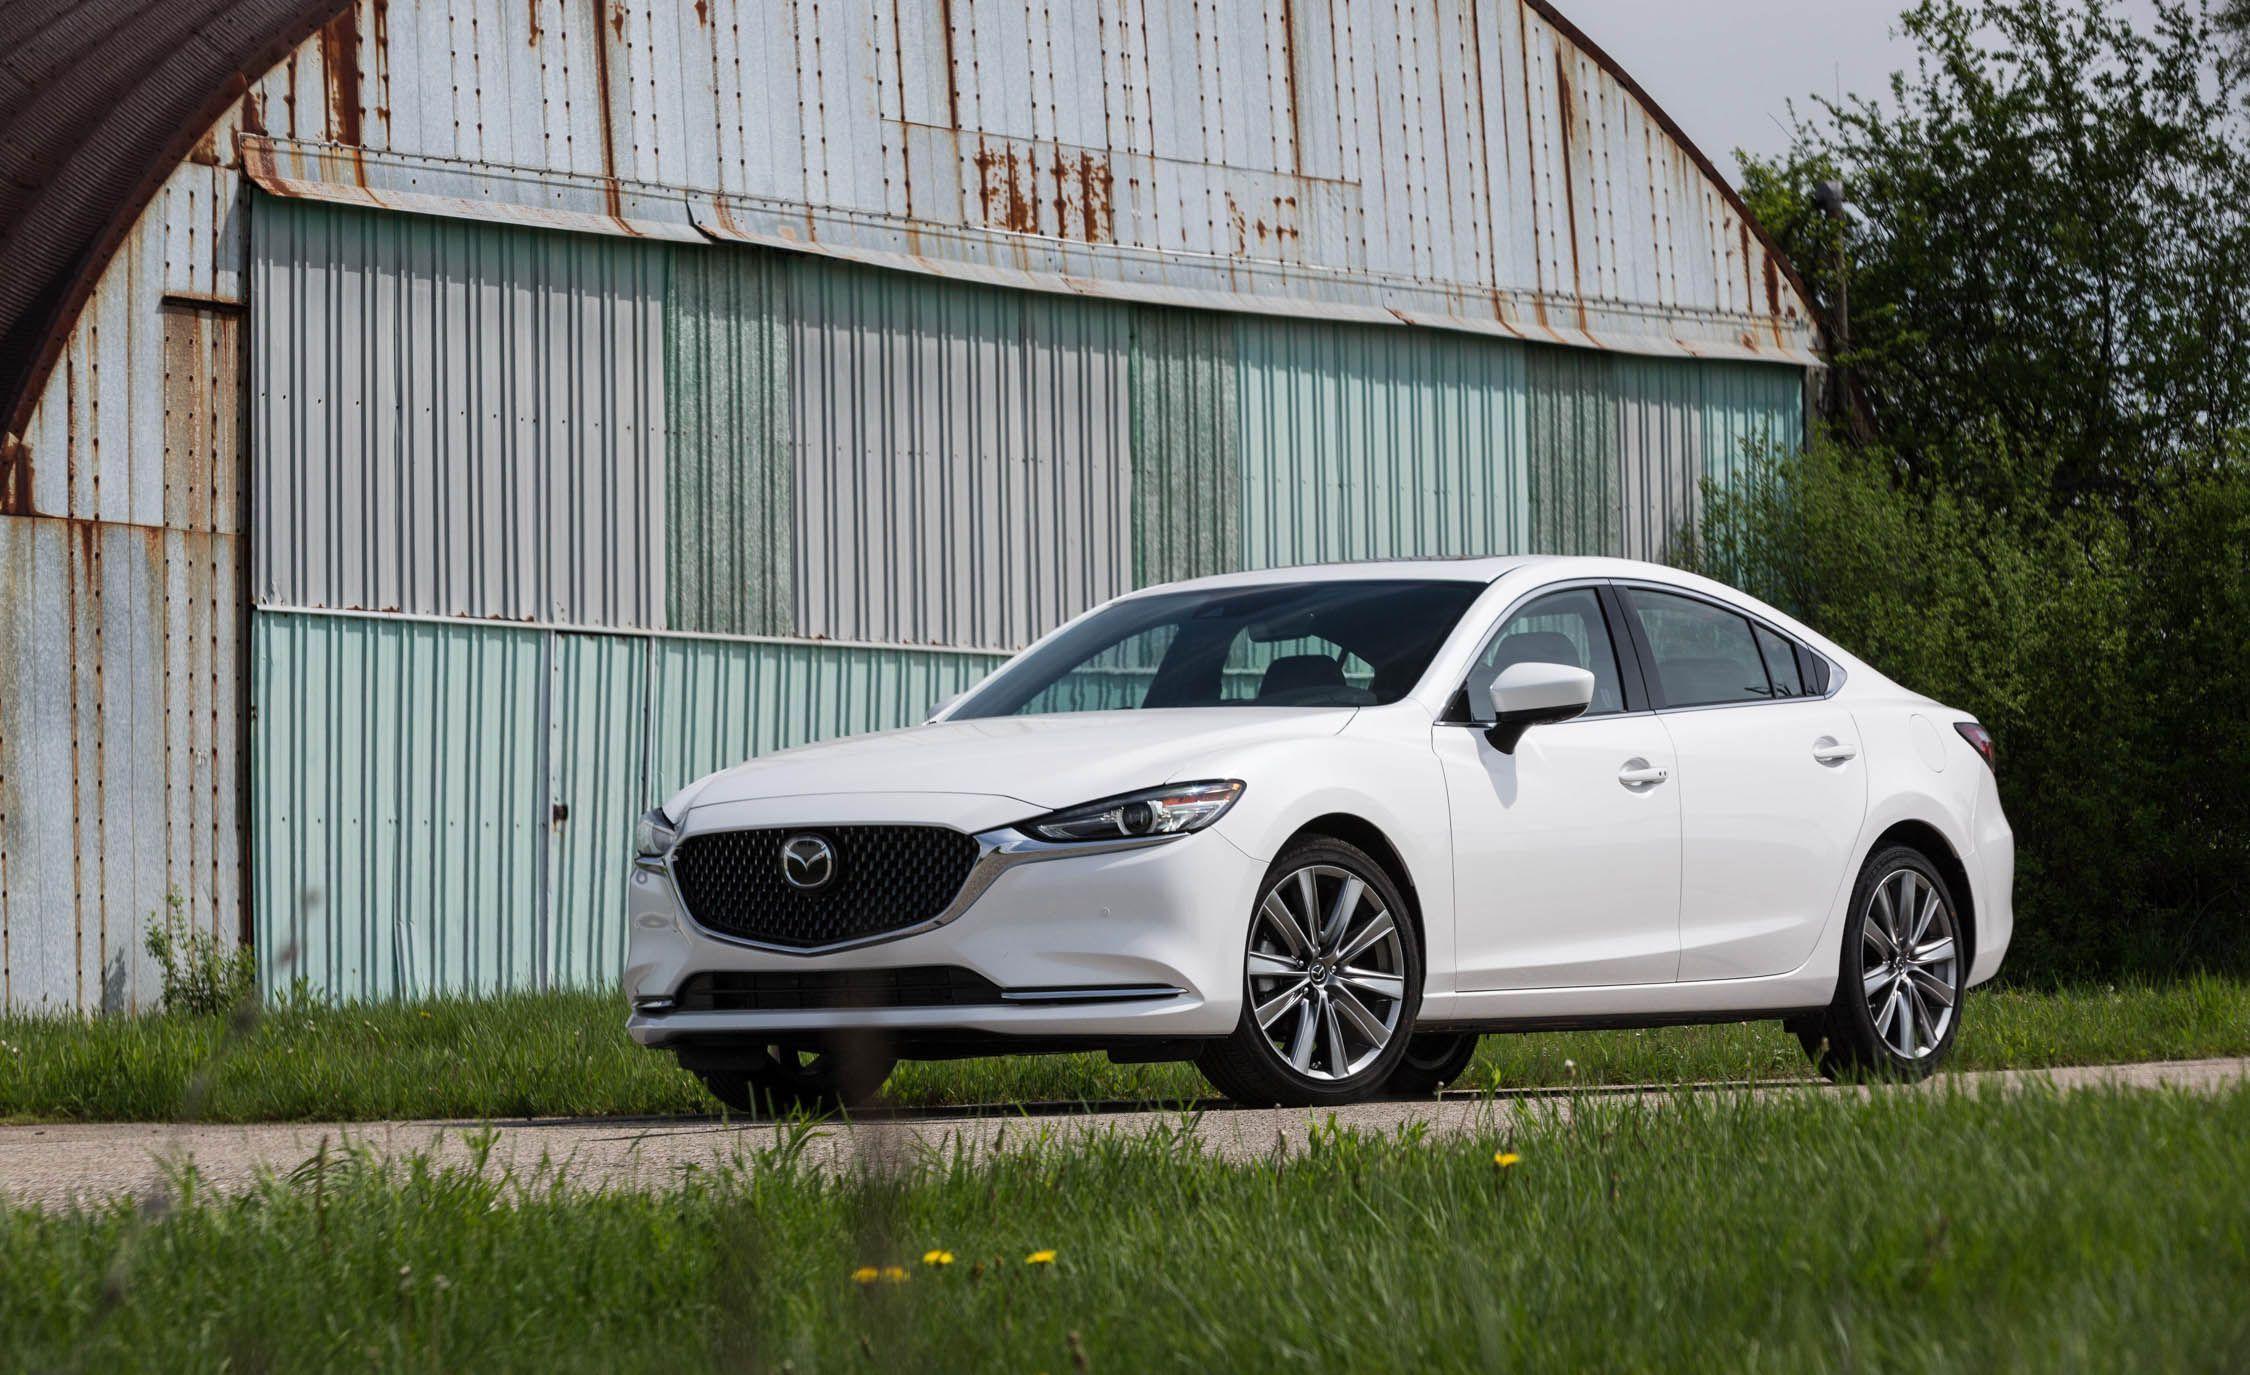 2019 Mazda 6